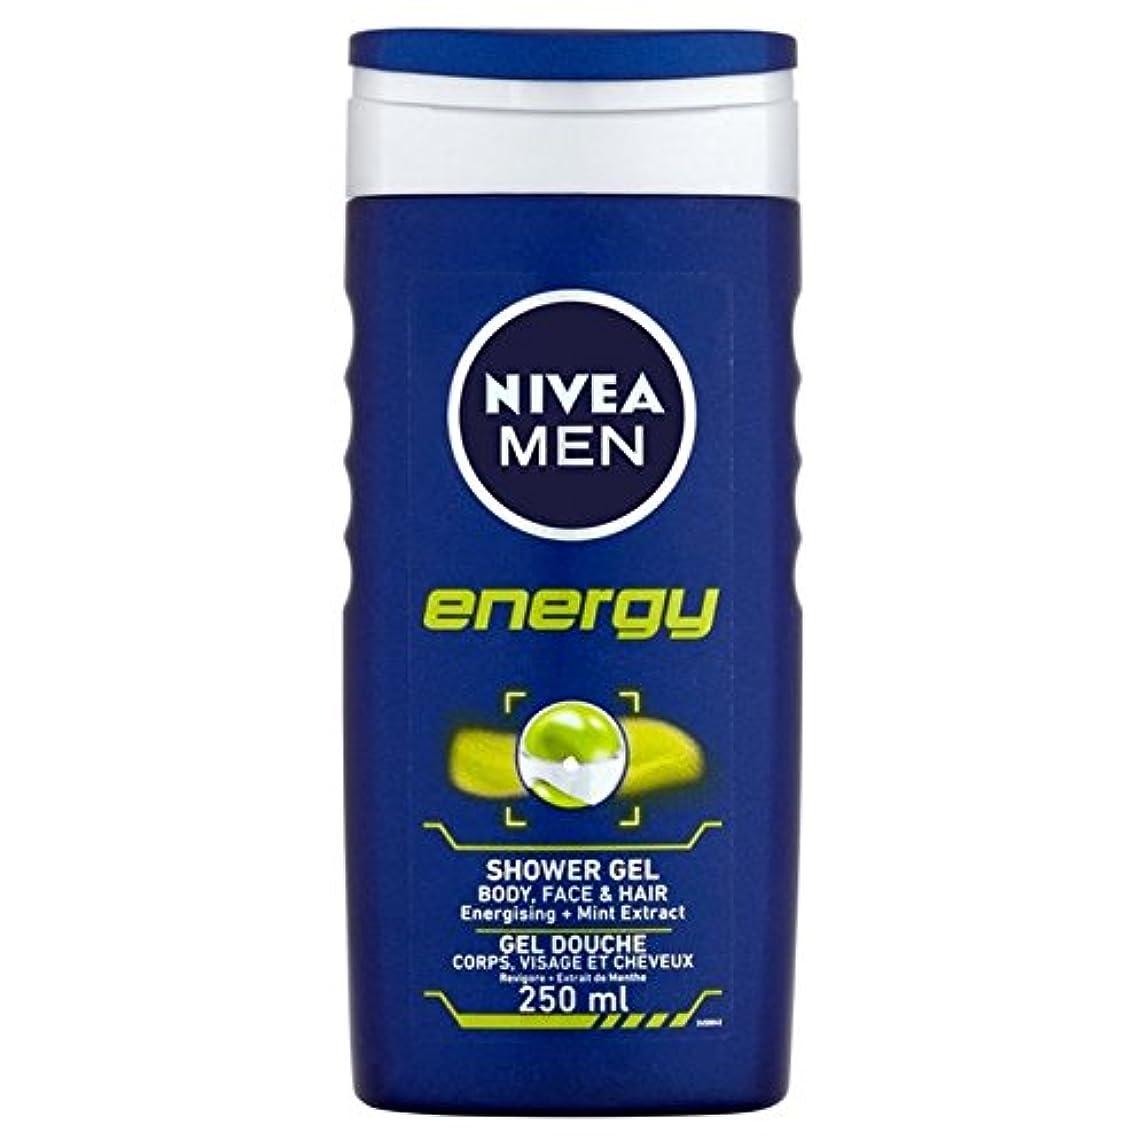 劇的吸収贅沢な1つのシャワー250ミリリットル中ニベアの男性のエネルギー2 x4 - Nivea Men Energy 2 in 1 Shower 250ml (Pack of 4) [並行輸入品]